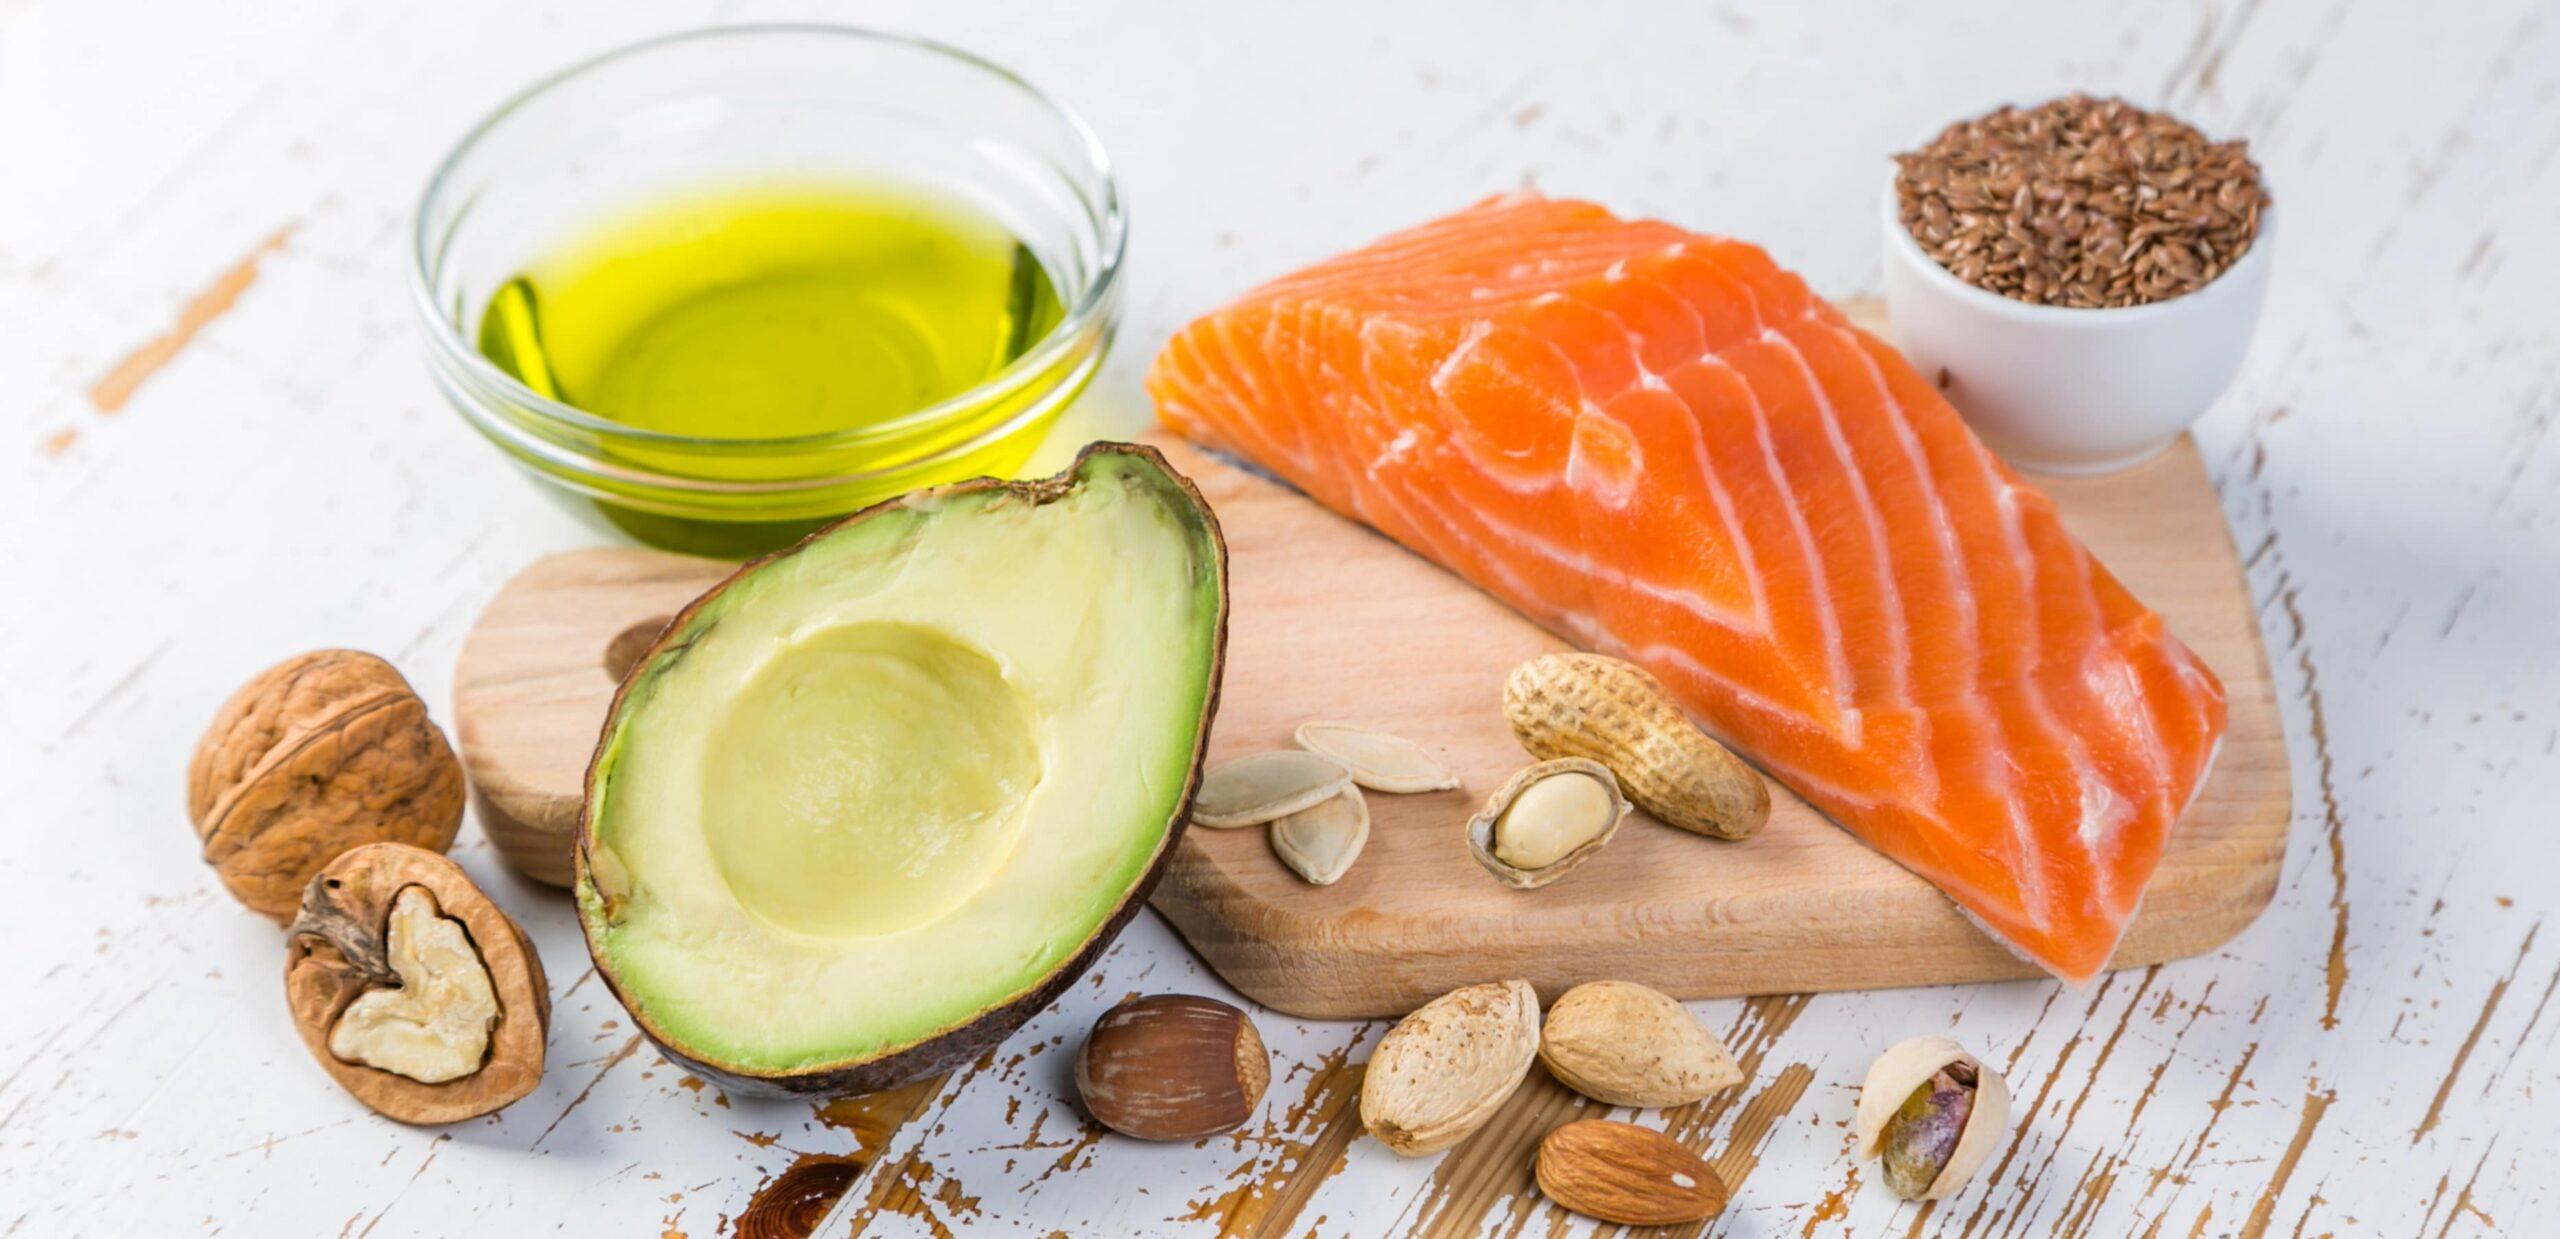 grassi e fonti alimentari nella dieta